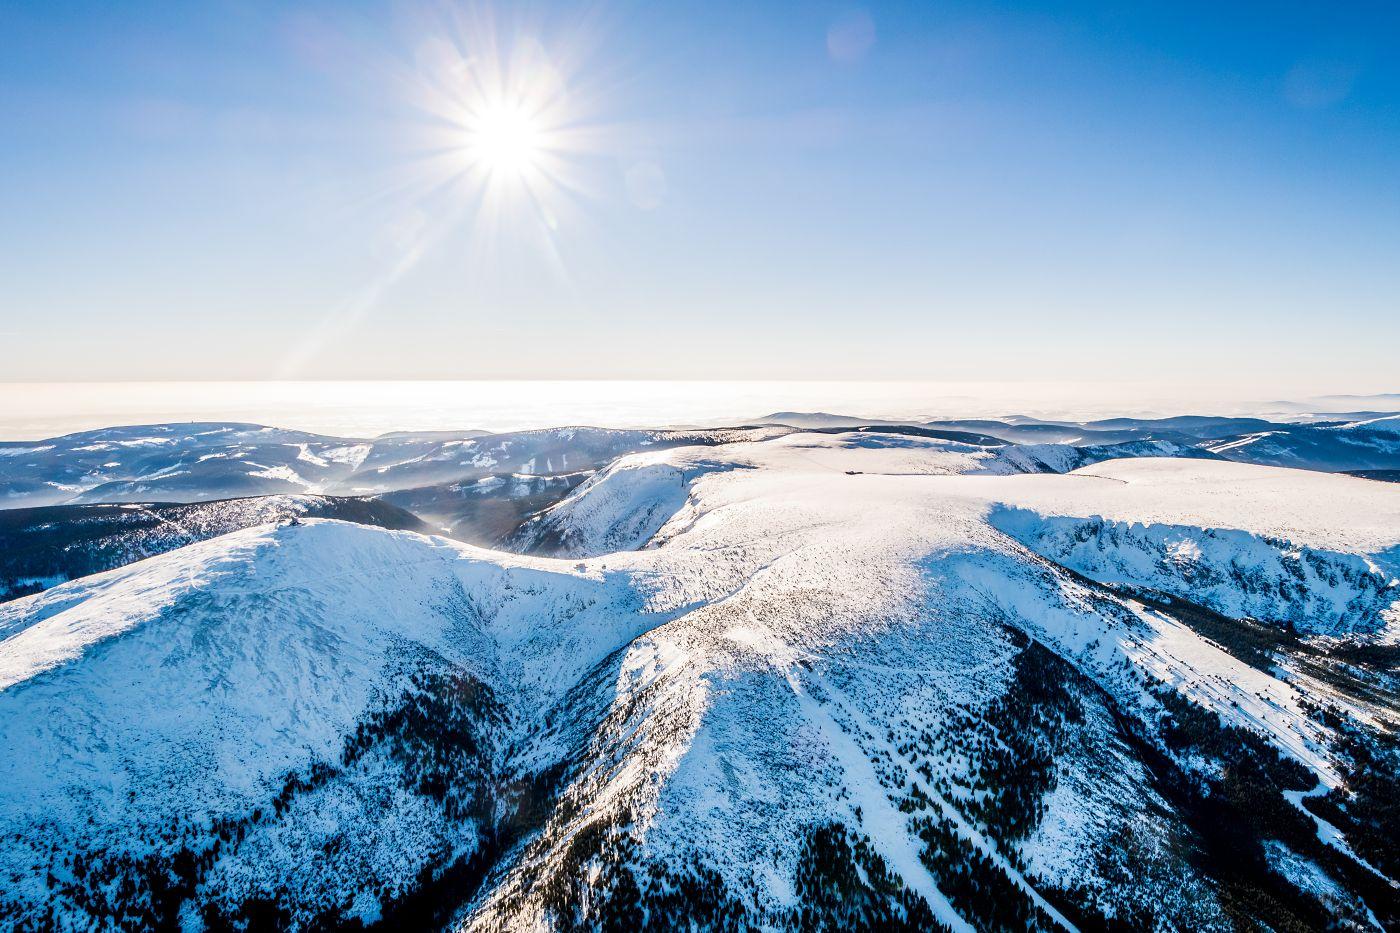 Sněžka, Krkonoše, Petr Jan Juračka